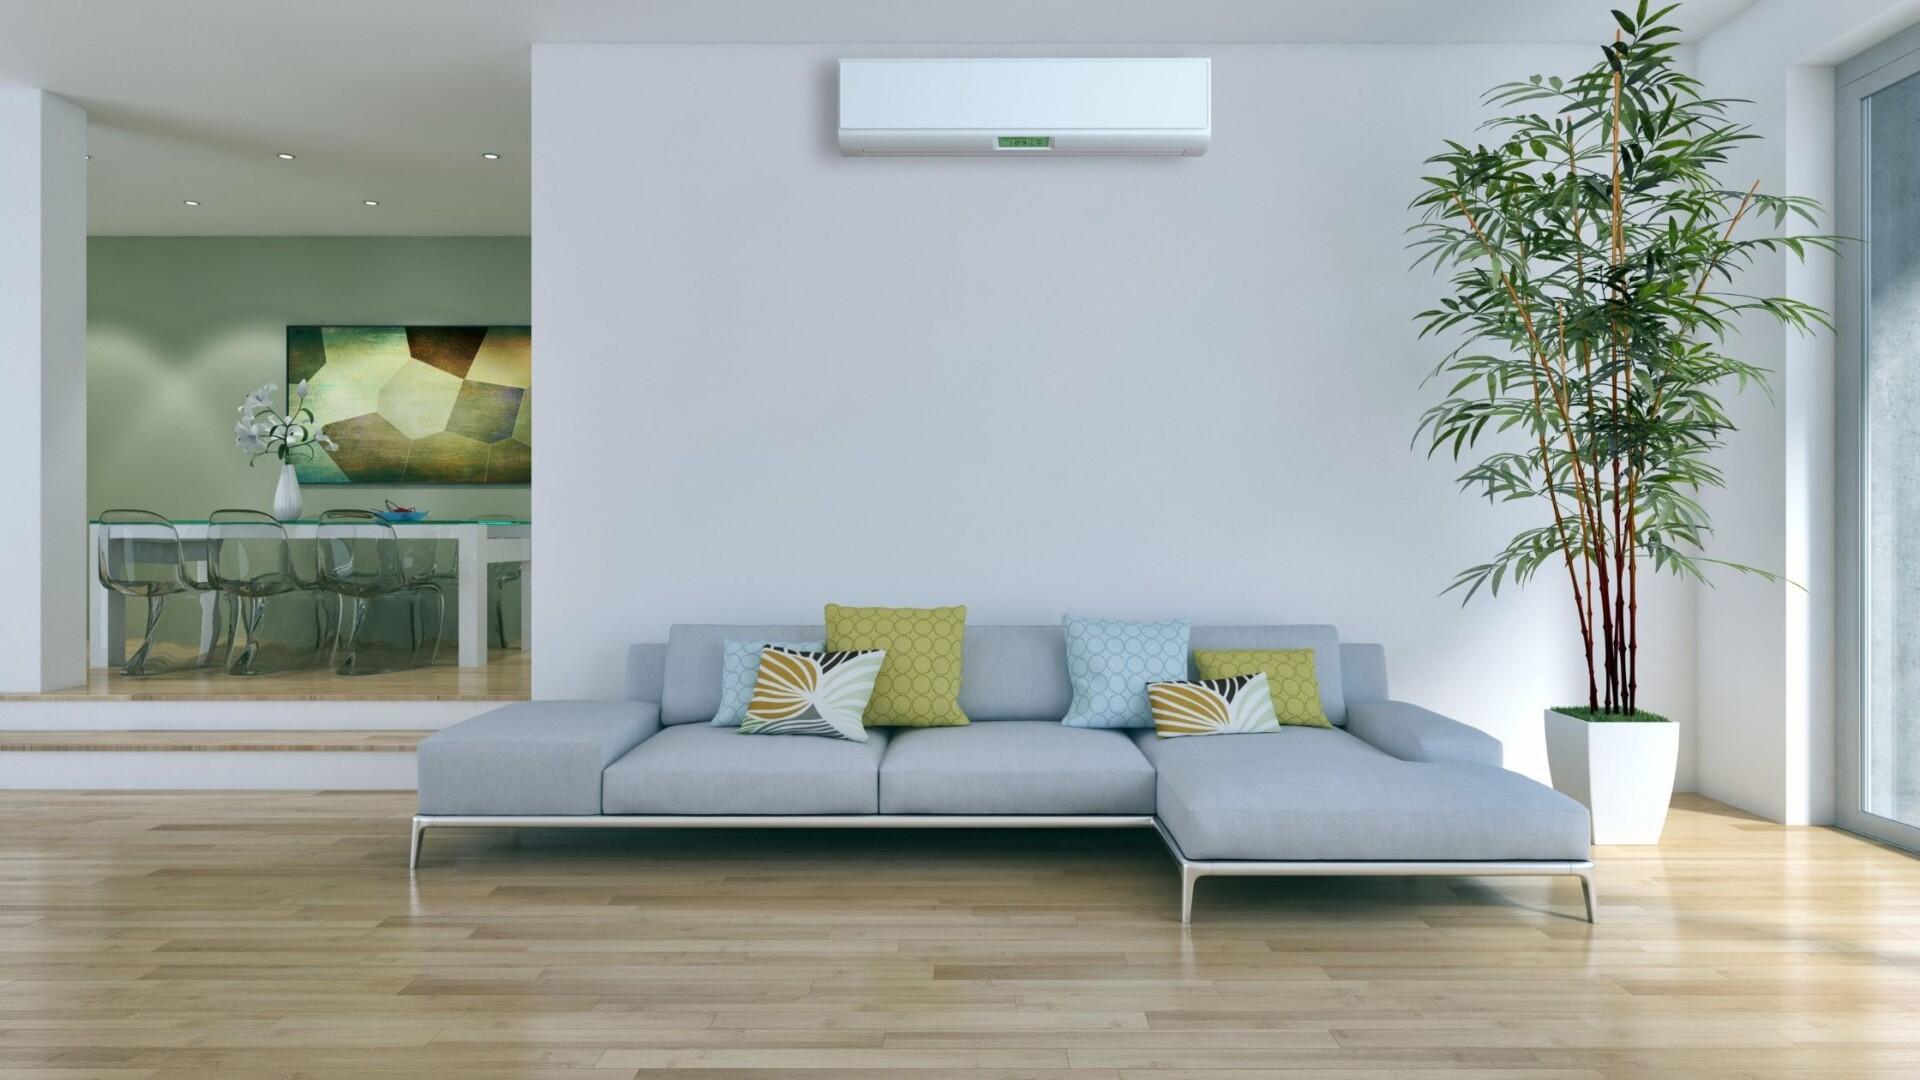 La climatización eco amigable es posible